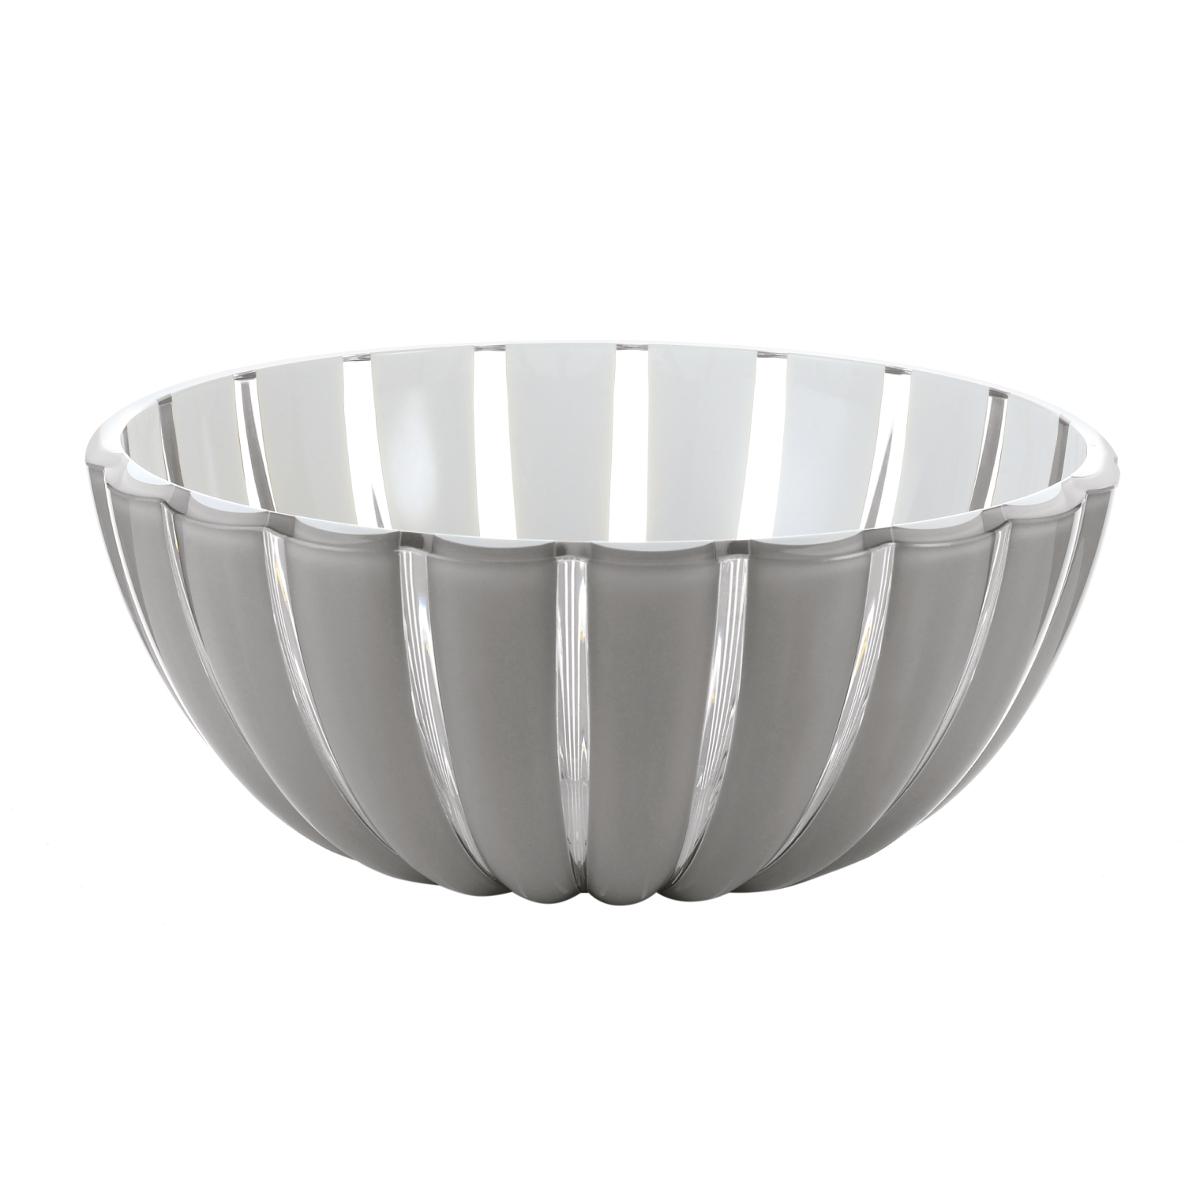 Guzzini Grace Grey 7.9 Inch Contentiore Medium Bowl